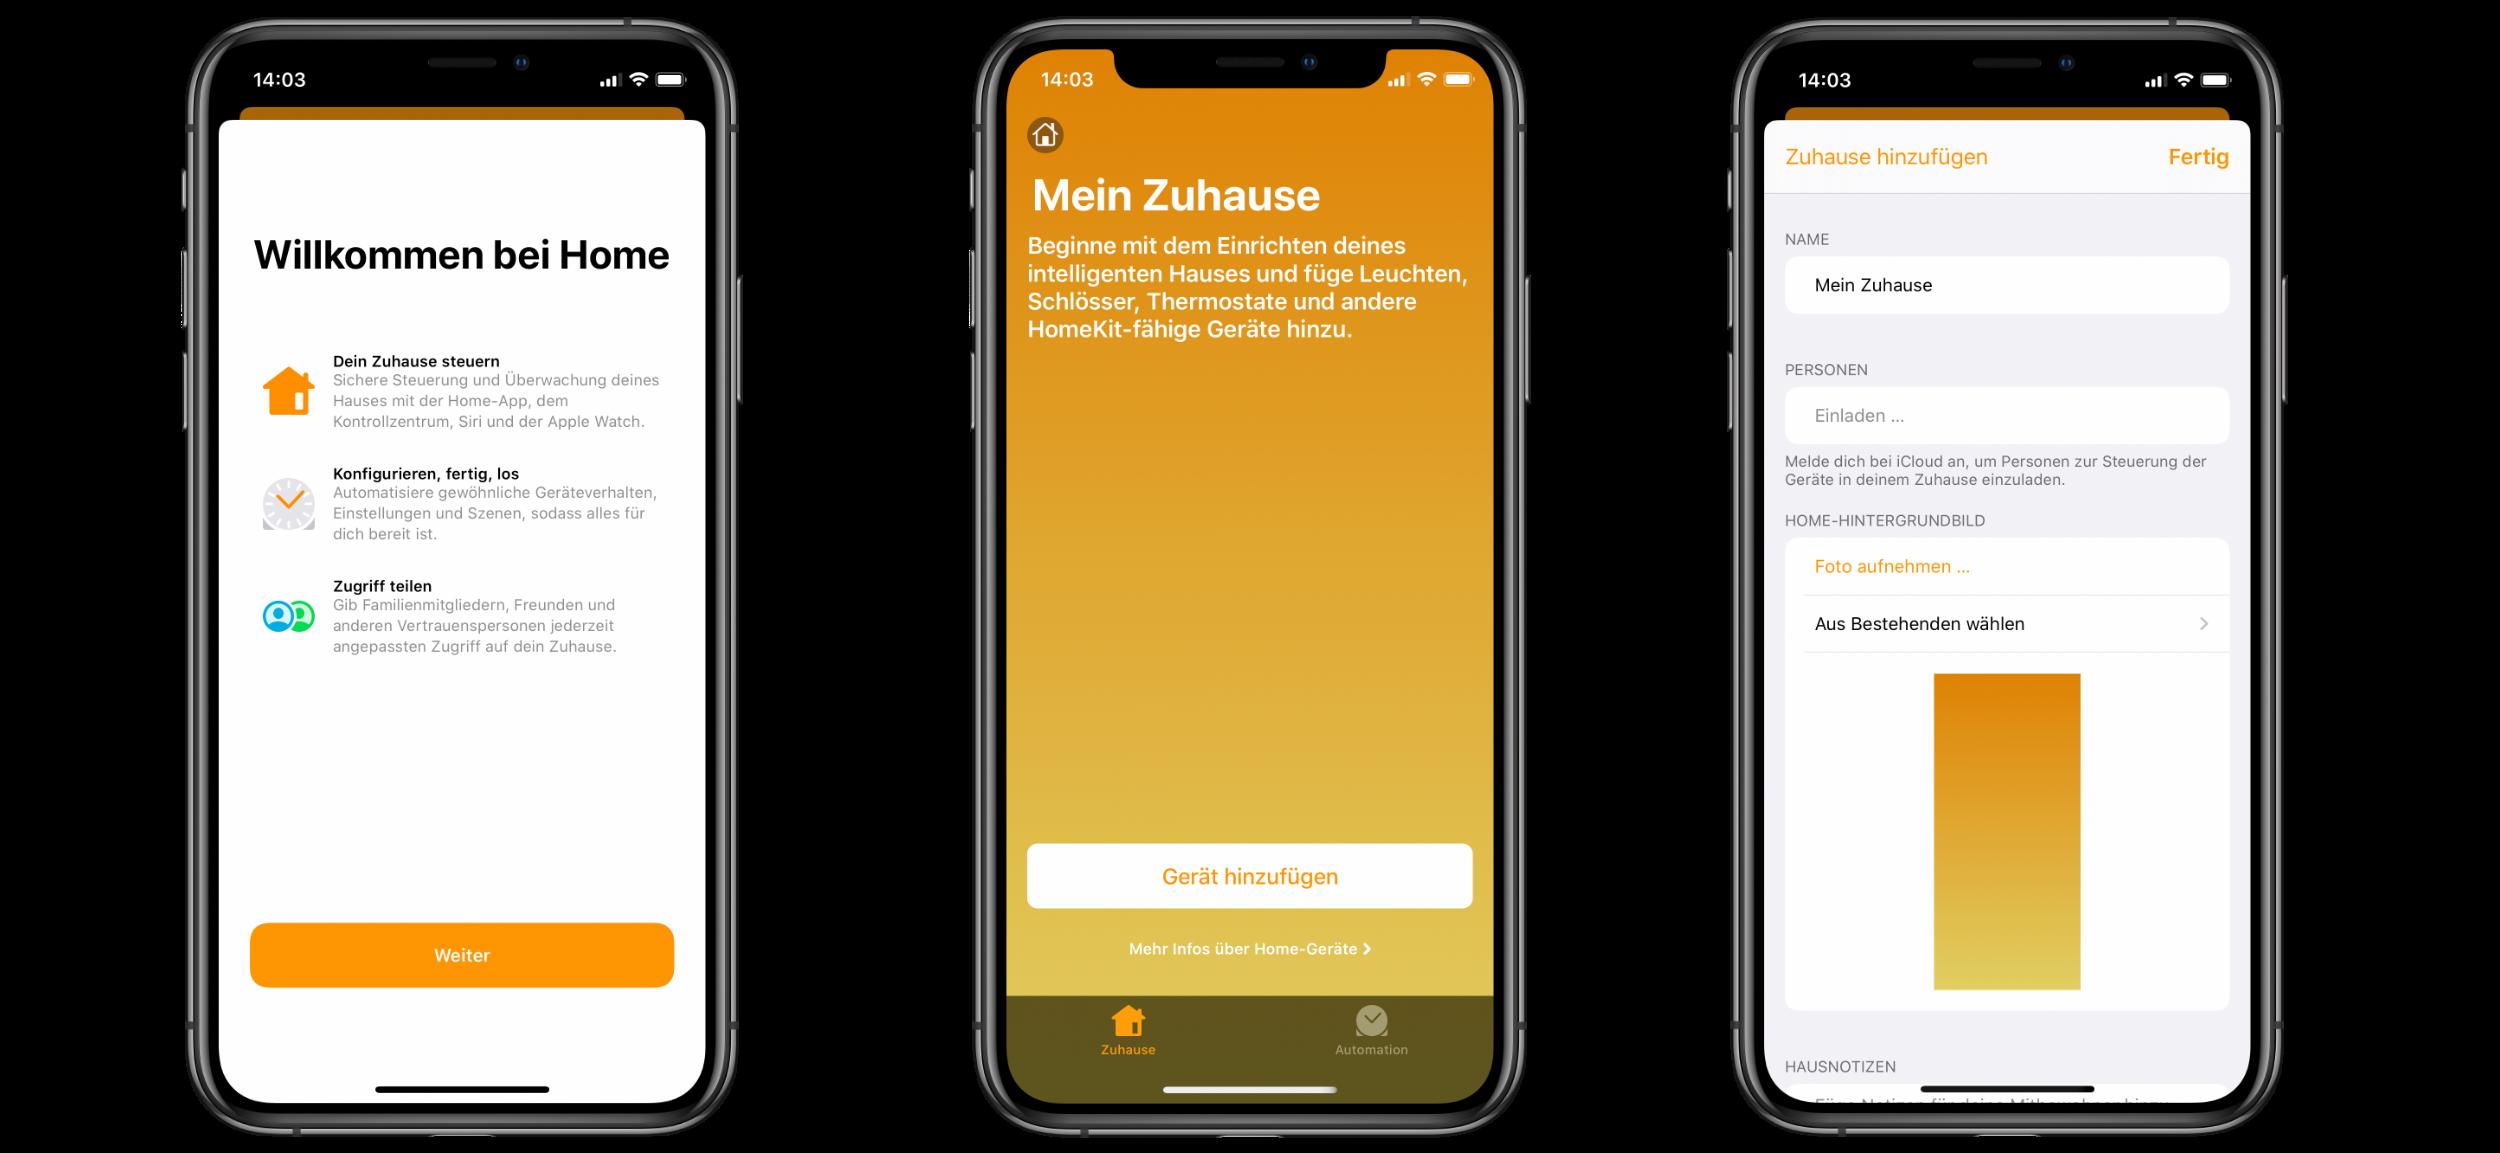 """Apple-HomeKit-die-Schnittstelle-zum-Zuhause-Buchauflage-5-Einführung-Home-App """"Apple HomeKit - die Schnittstelle zum Zuhause"""": Die 5. Buchauflage ist da"""